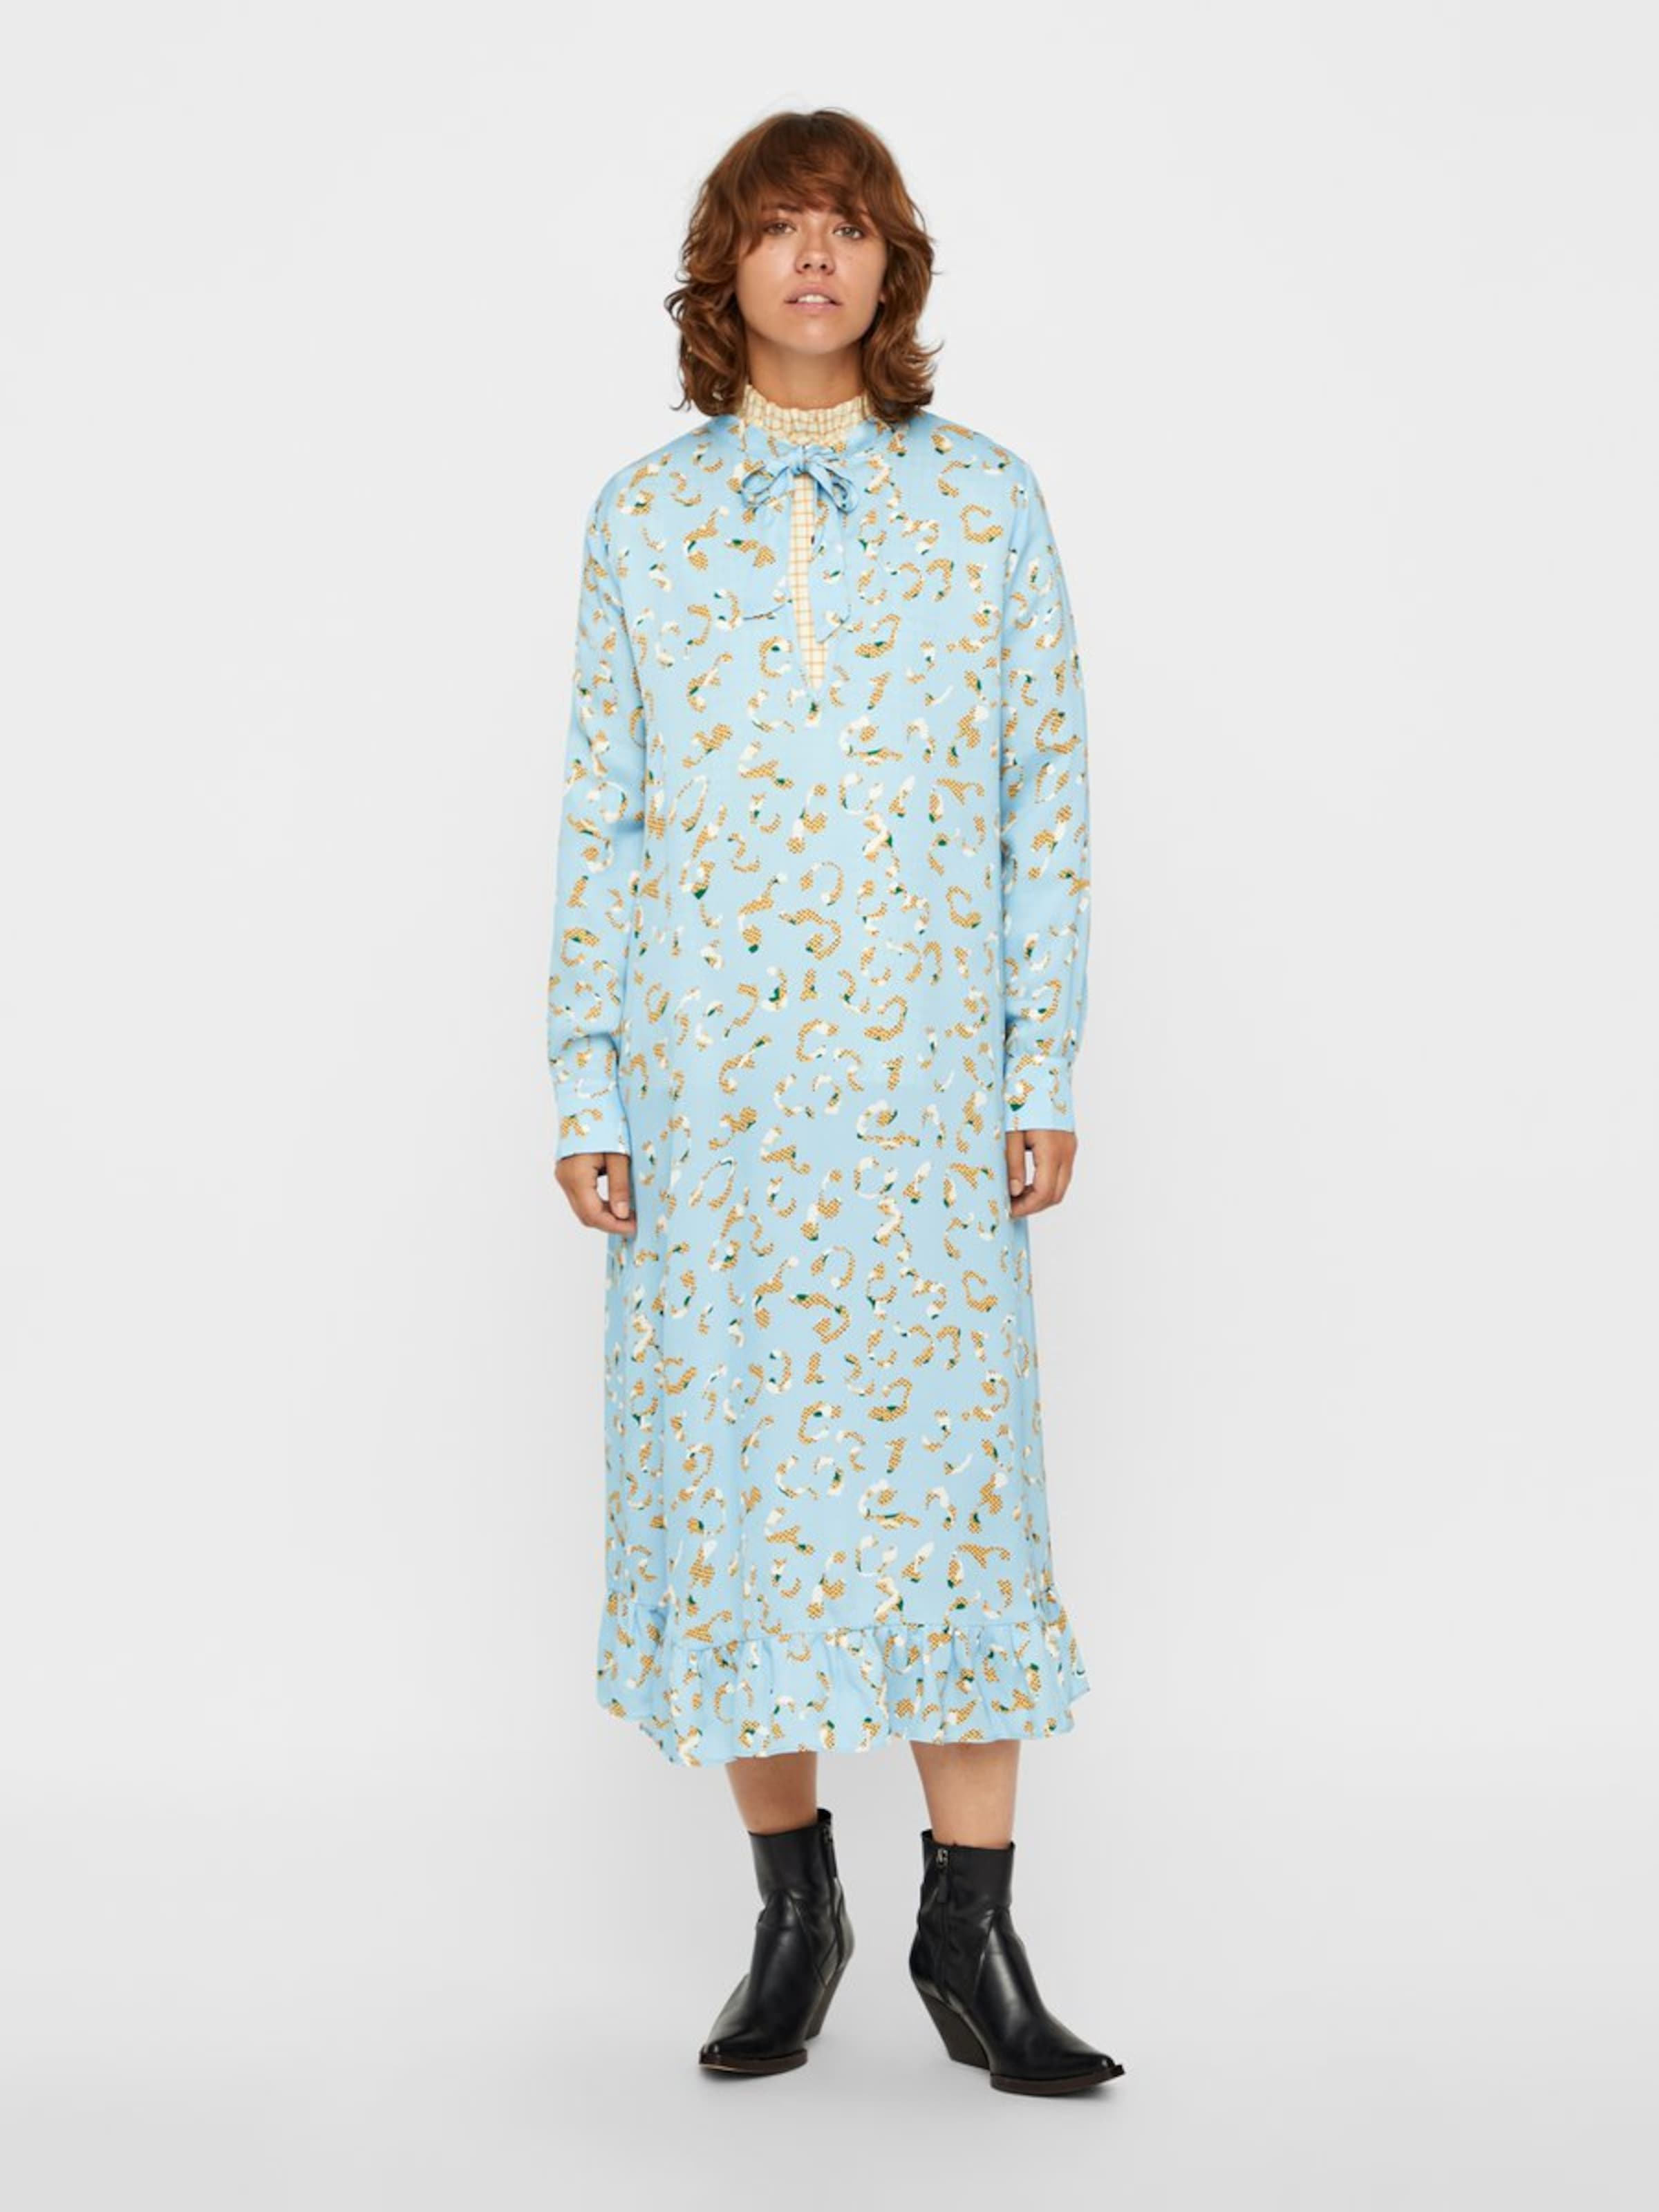 Kleid HellblauGelb Postyr In Weiß In Postyr Kleid 35ARqc4jLS